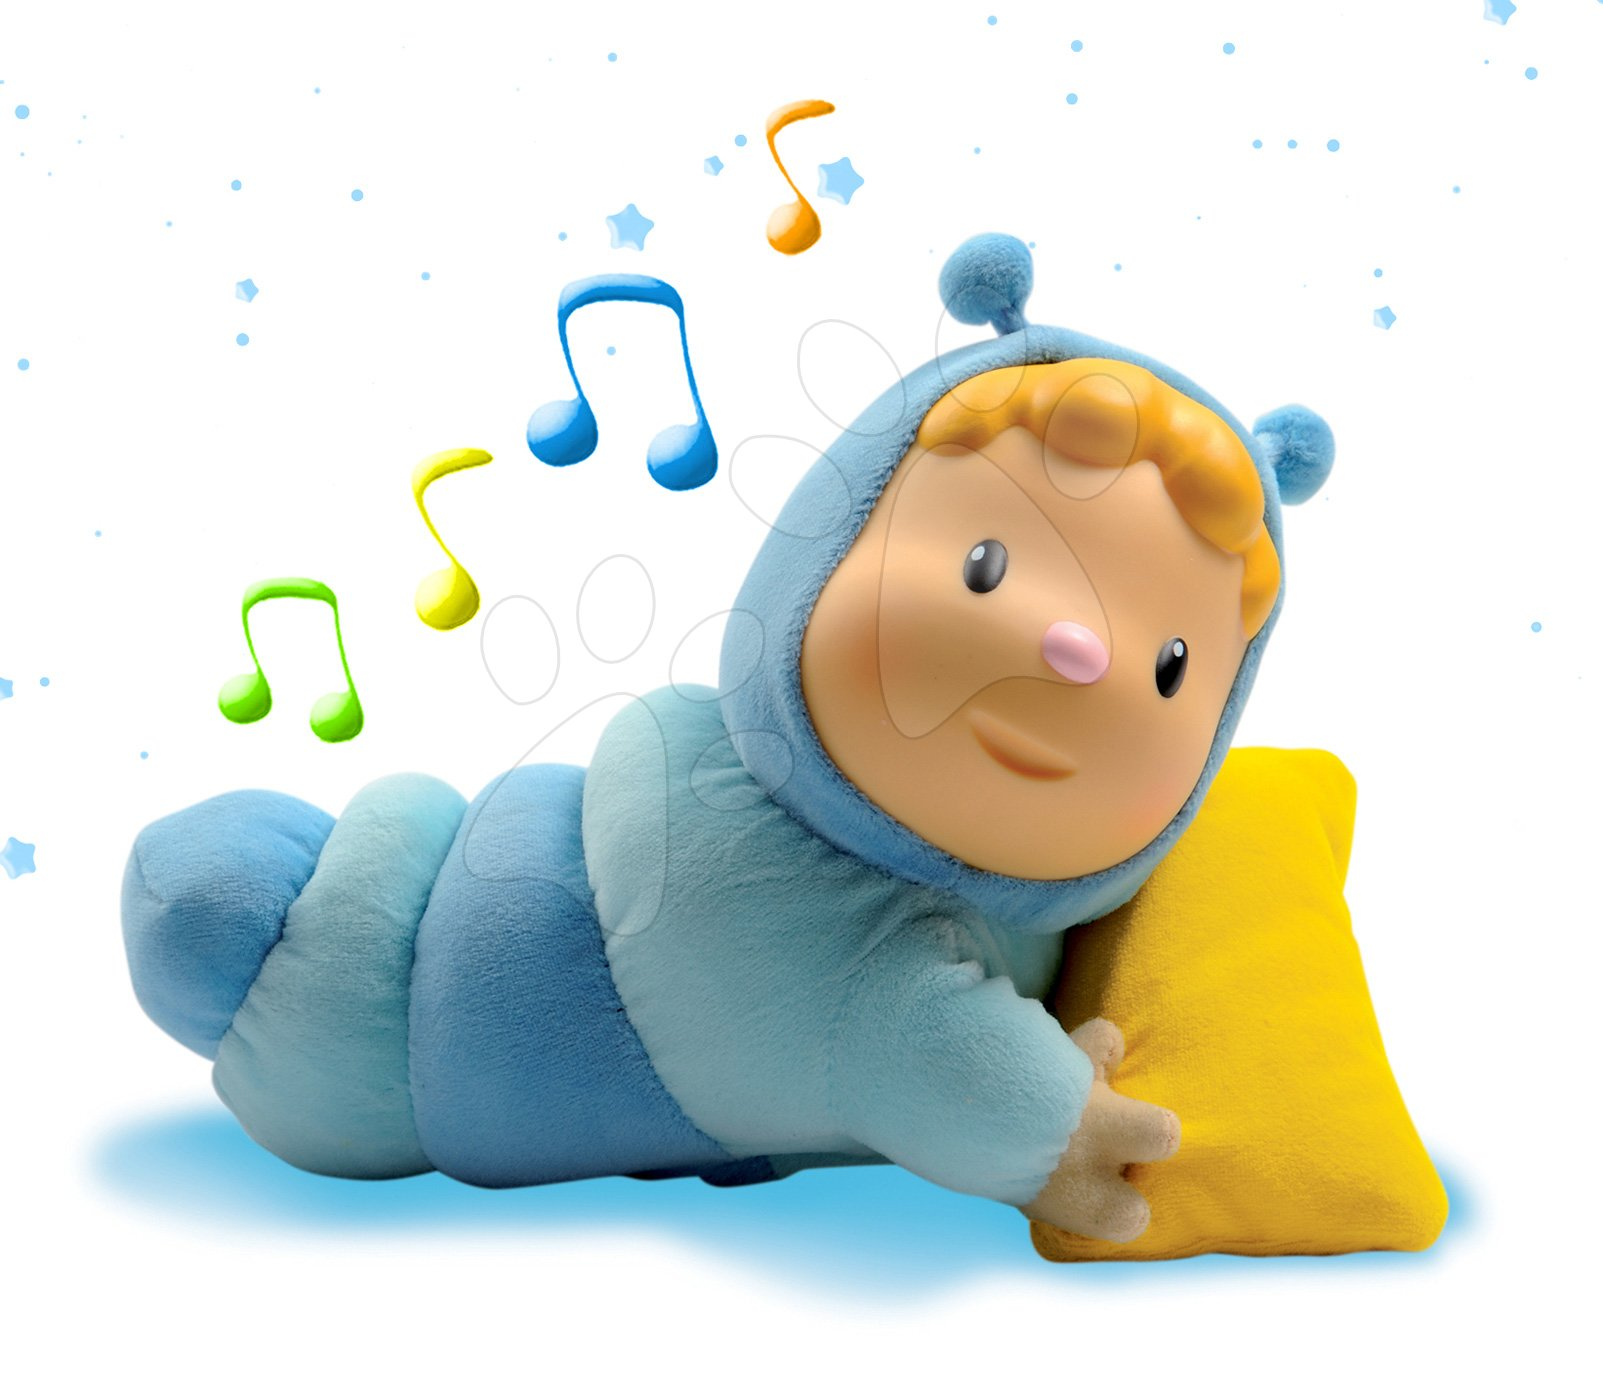 Păpuşă cu pernă Cotoons Chowing pentru bebeluşi Smoby luminoasă albastră